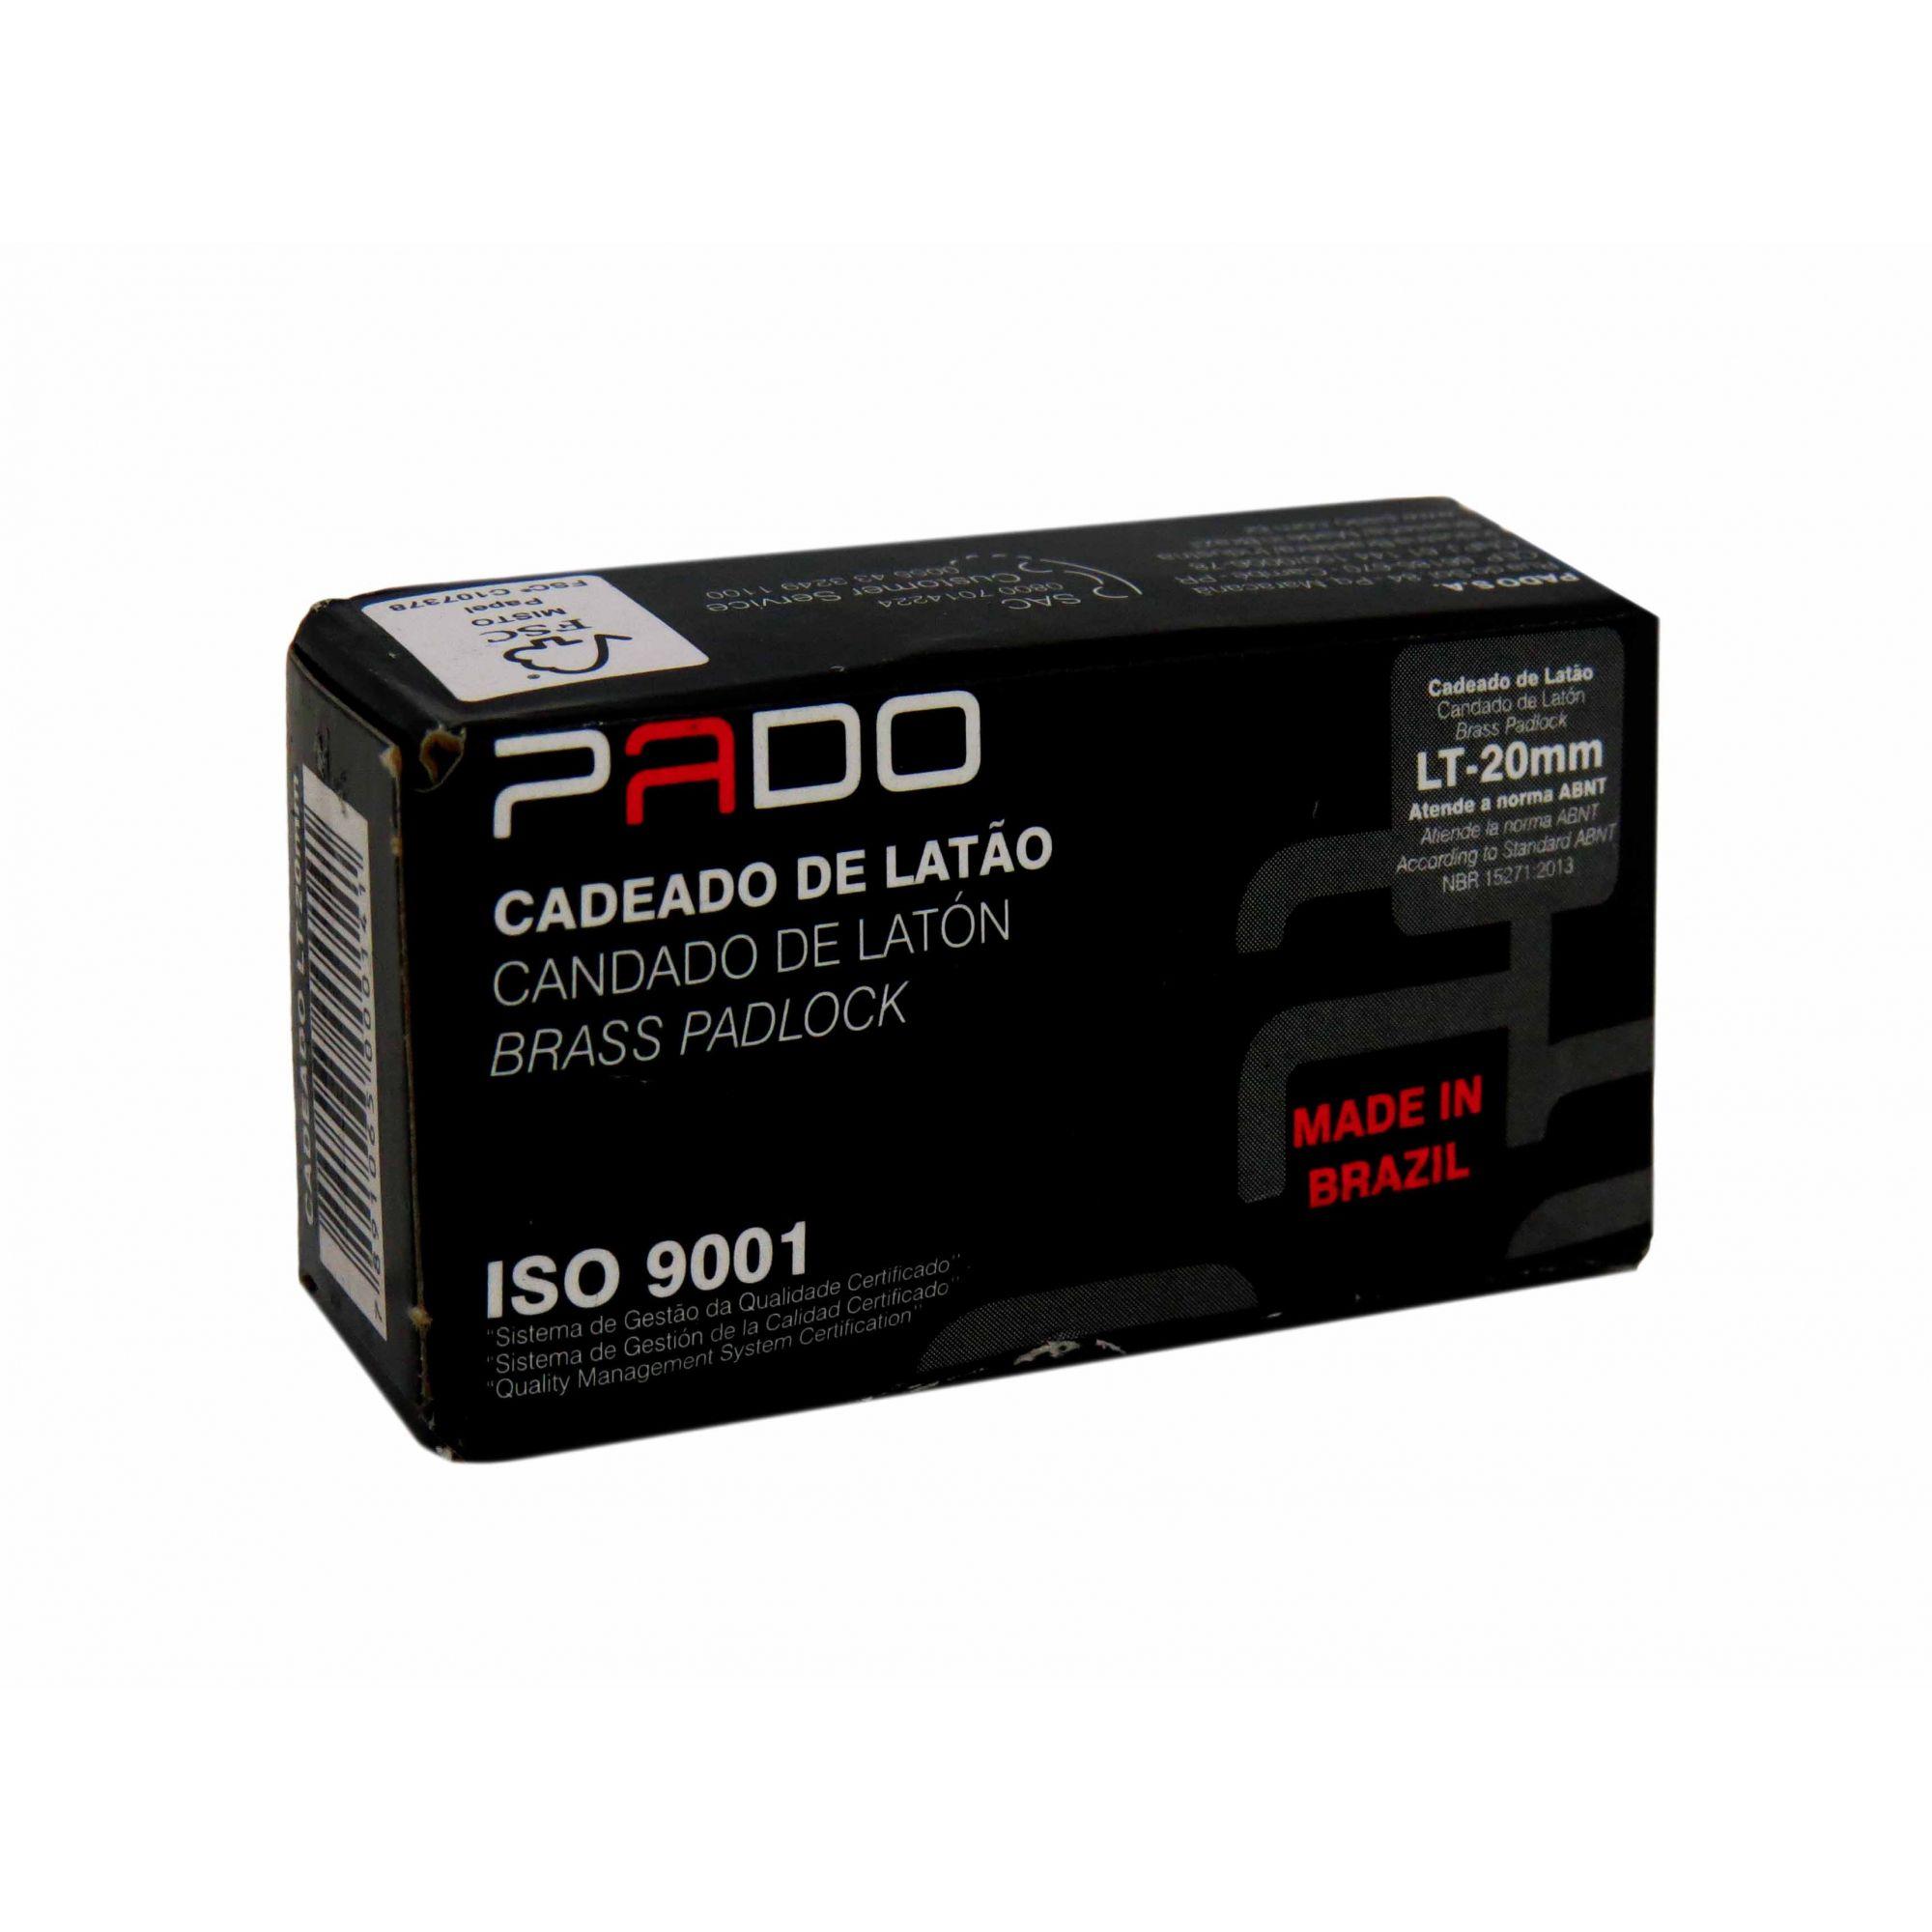 Cadeado de Latão Pado LT-20mm Cód.0014